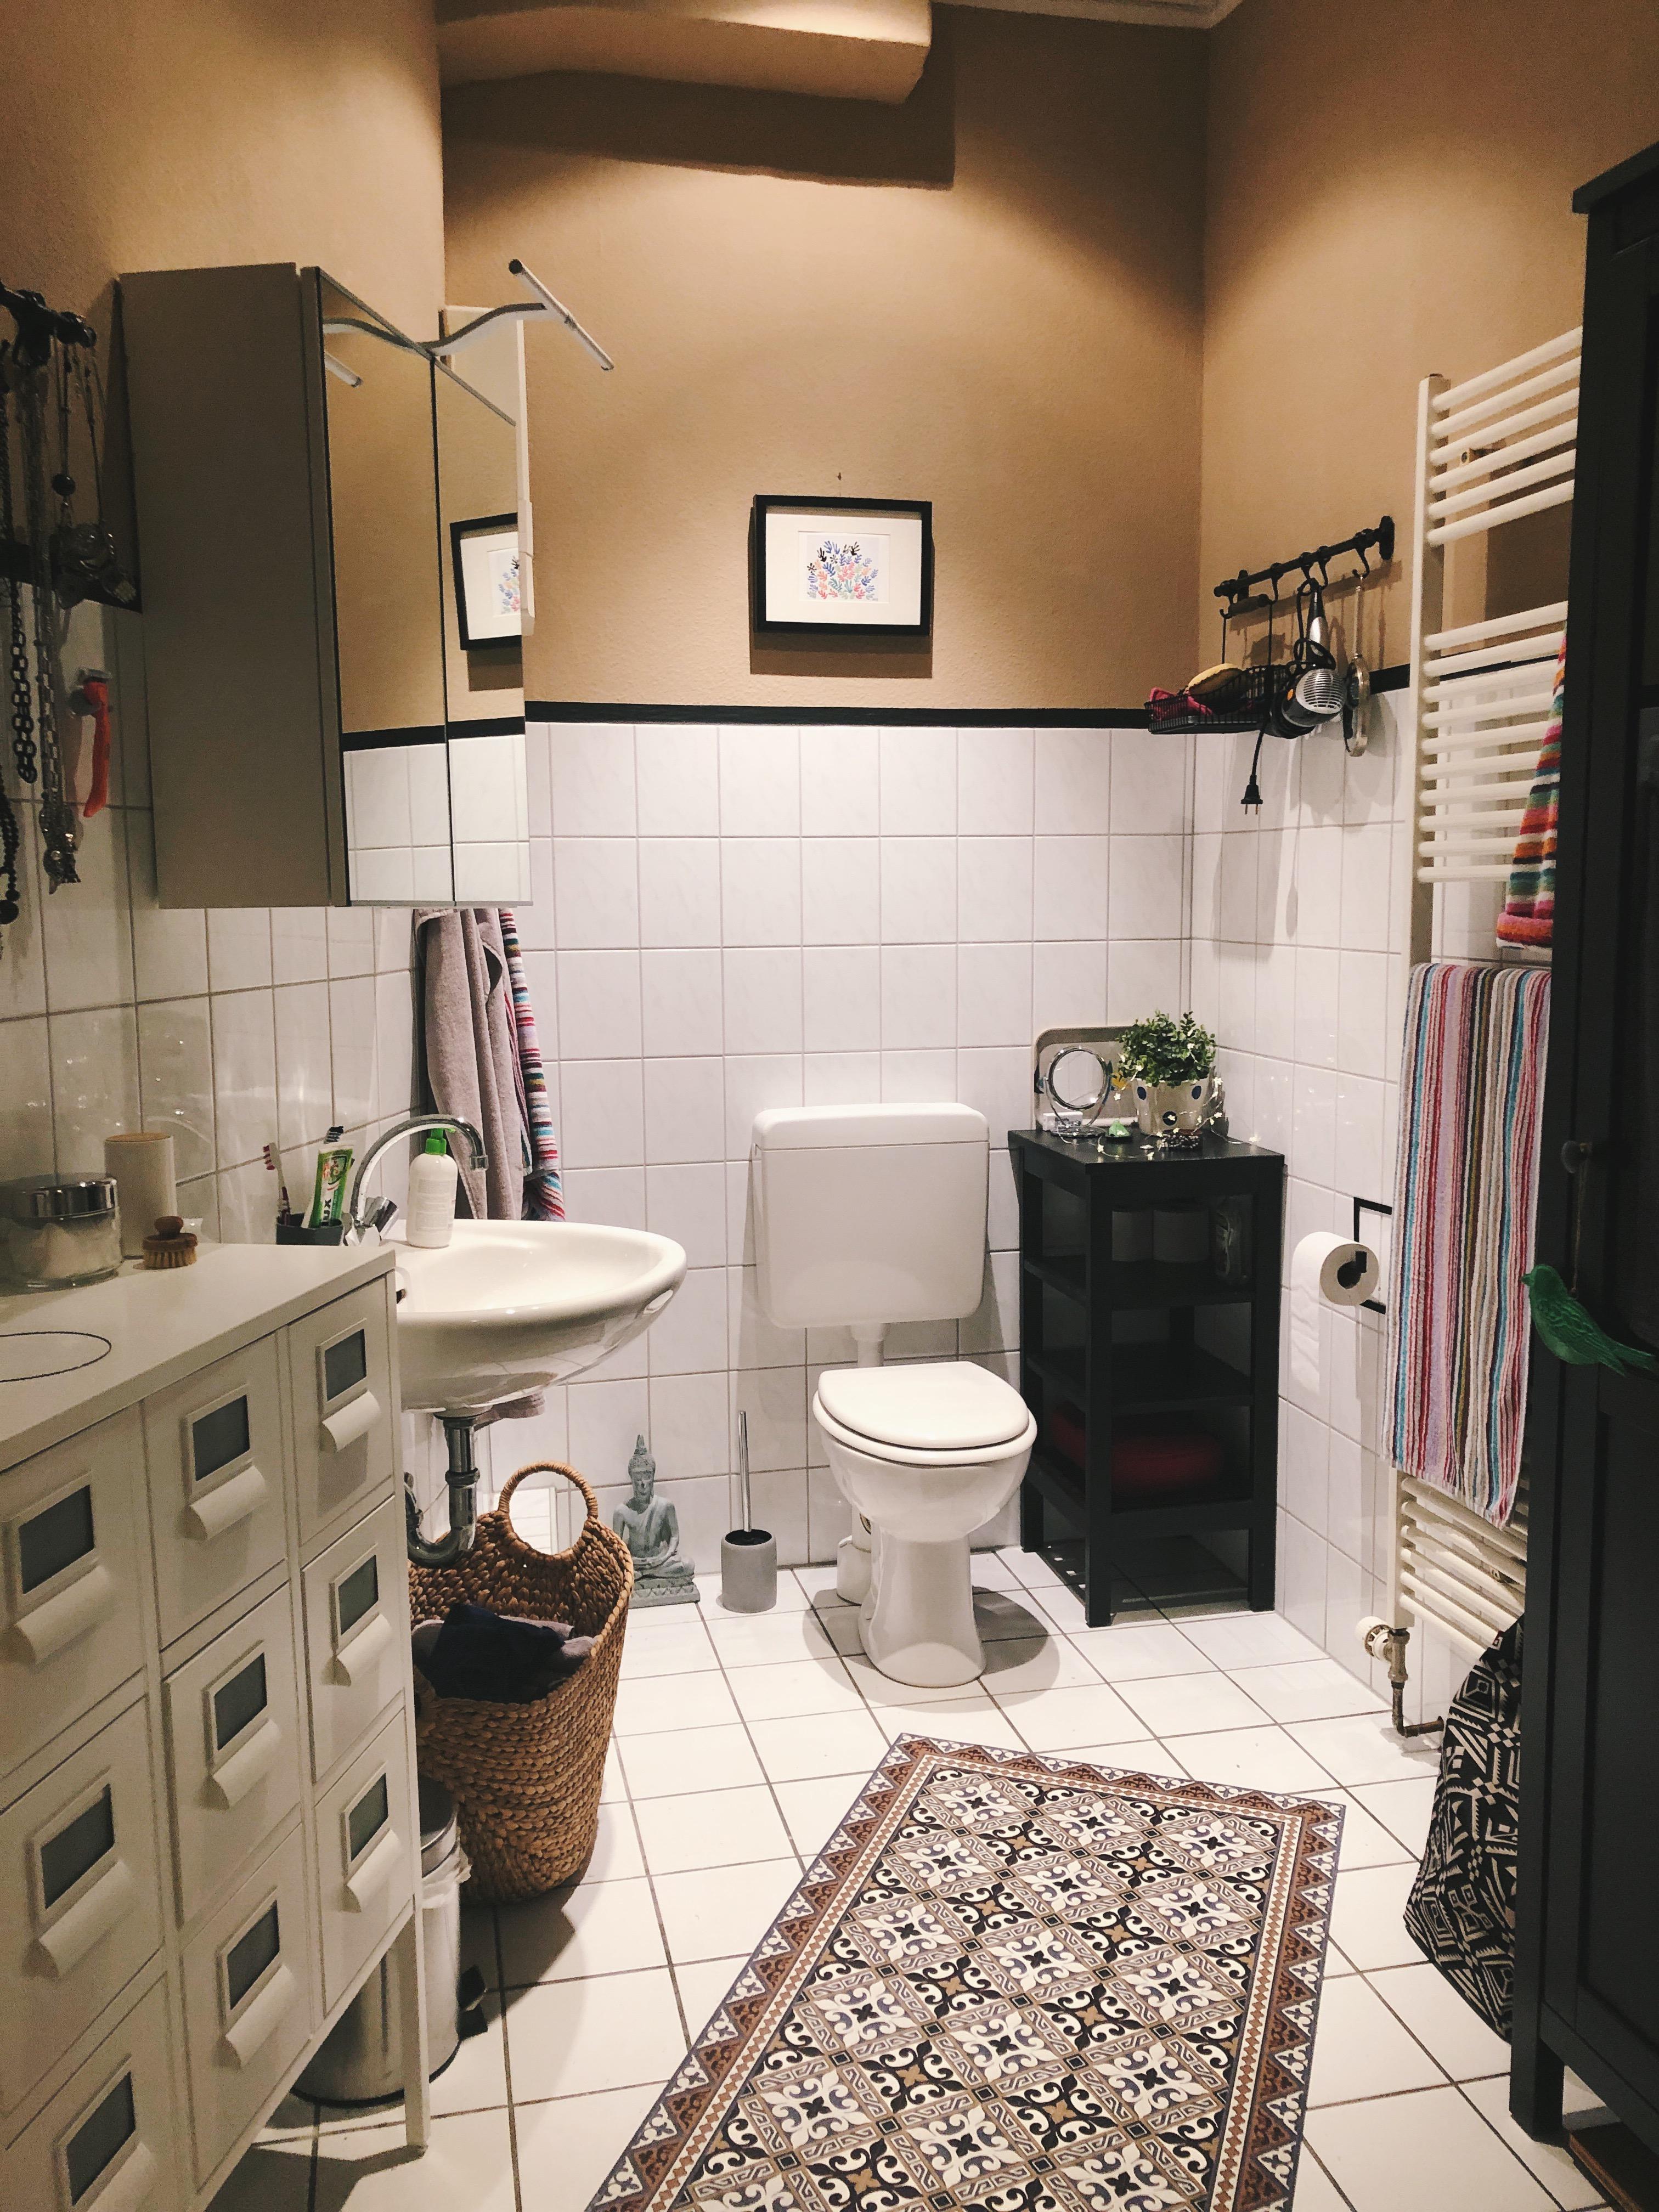 Farbig gestrichenes Badezimmer mit farbigen Accessoires